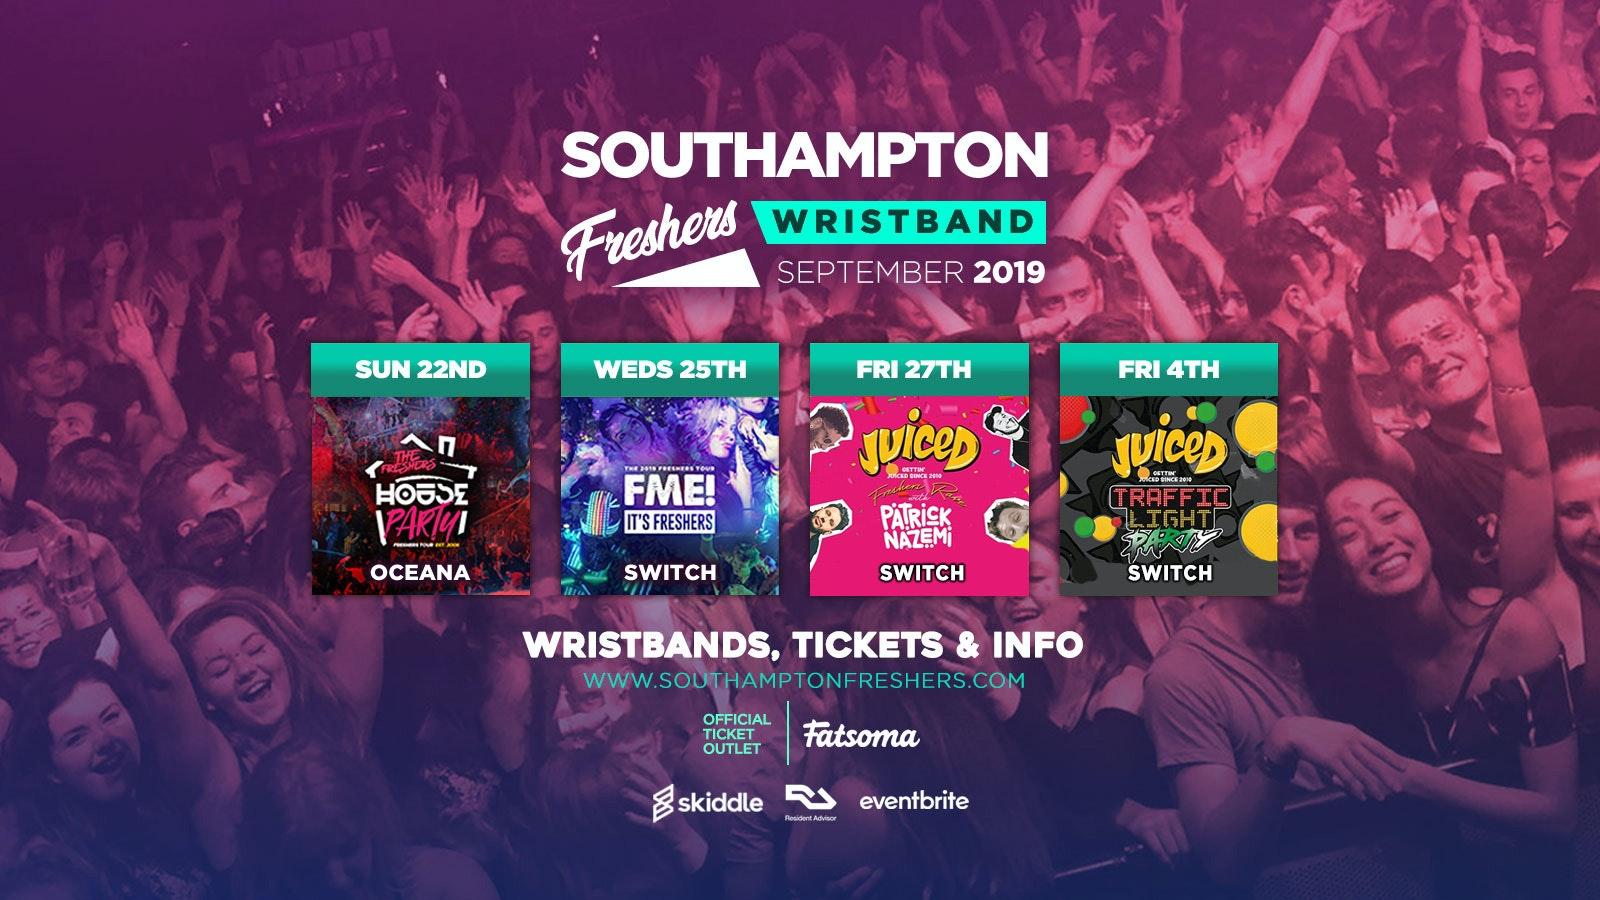 Southampton Freshers Wristband 2019 ///